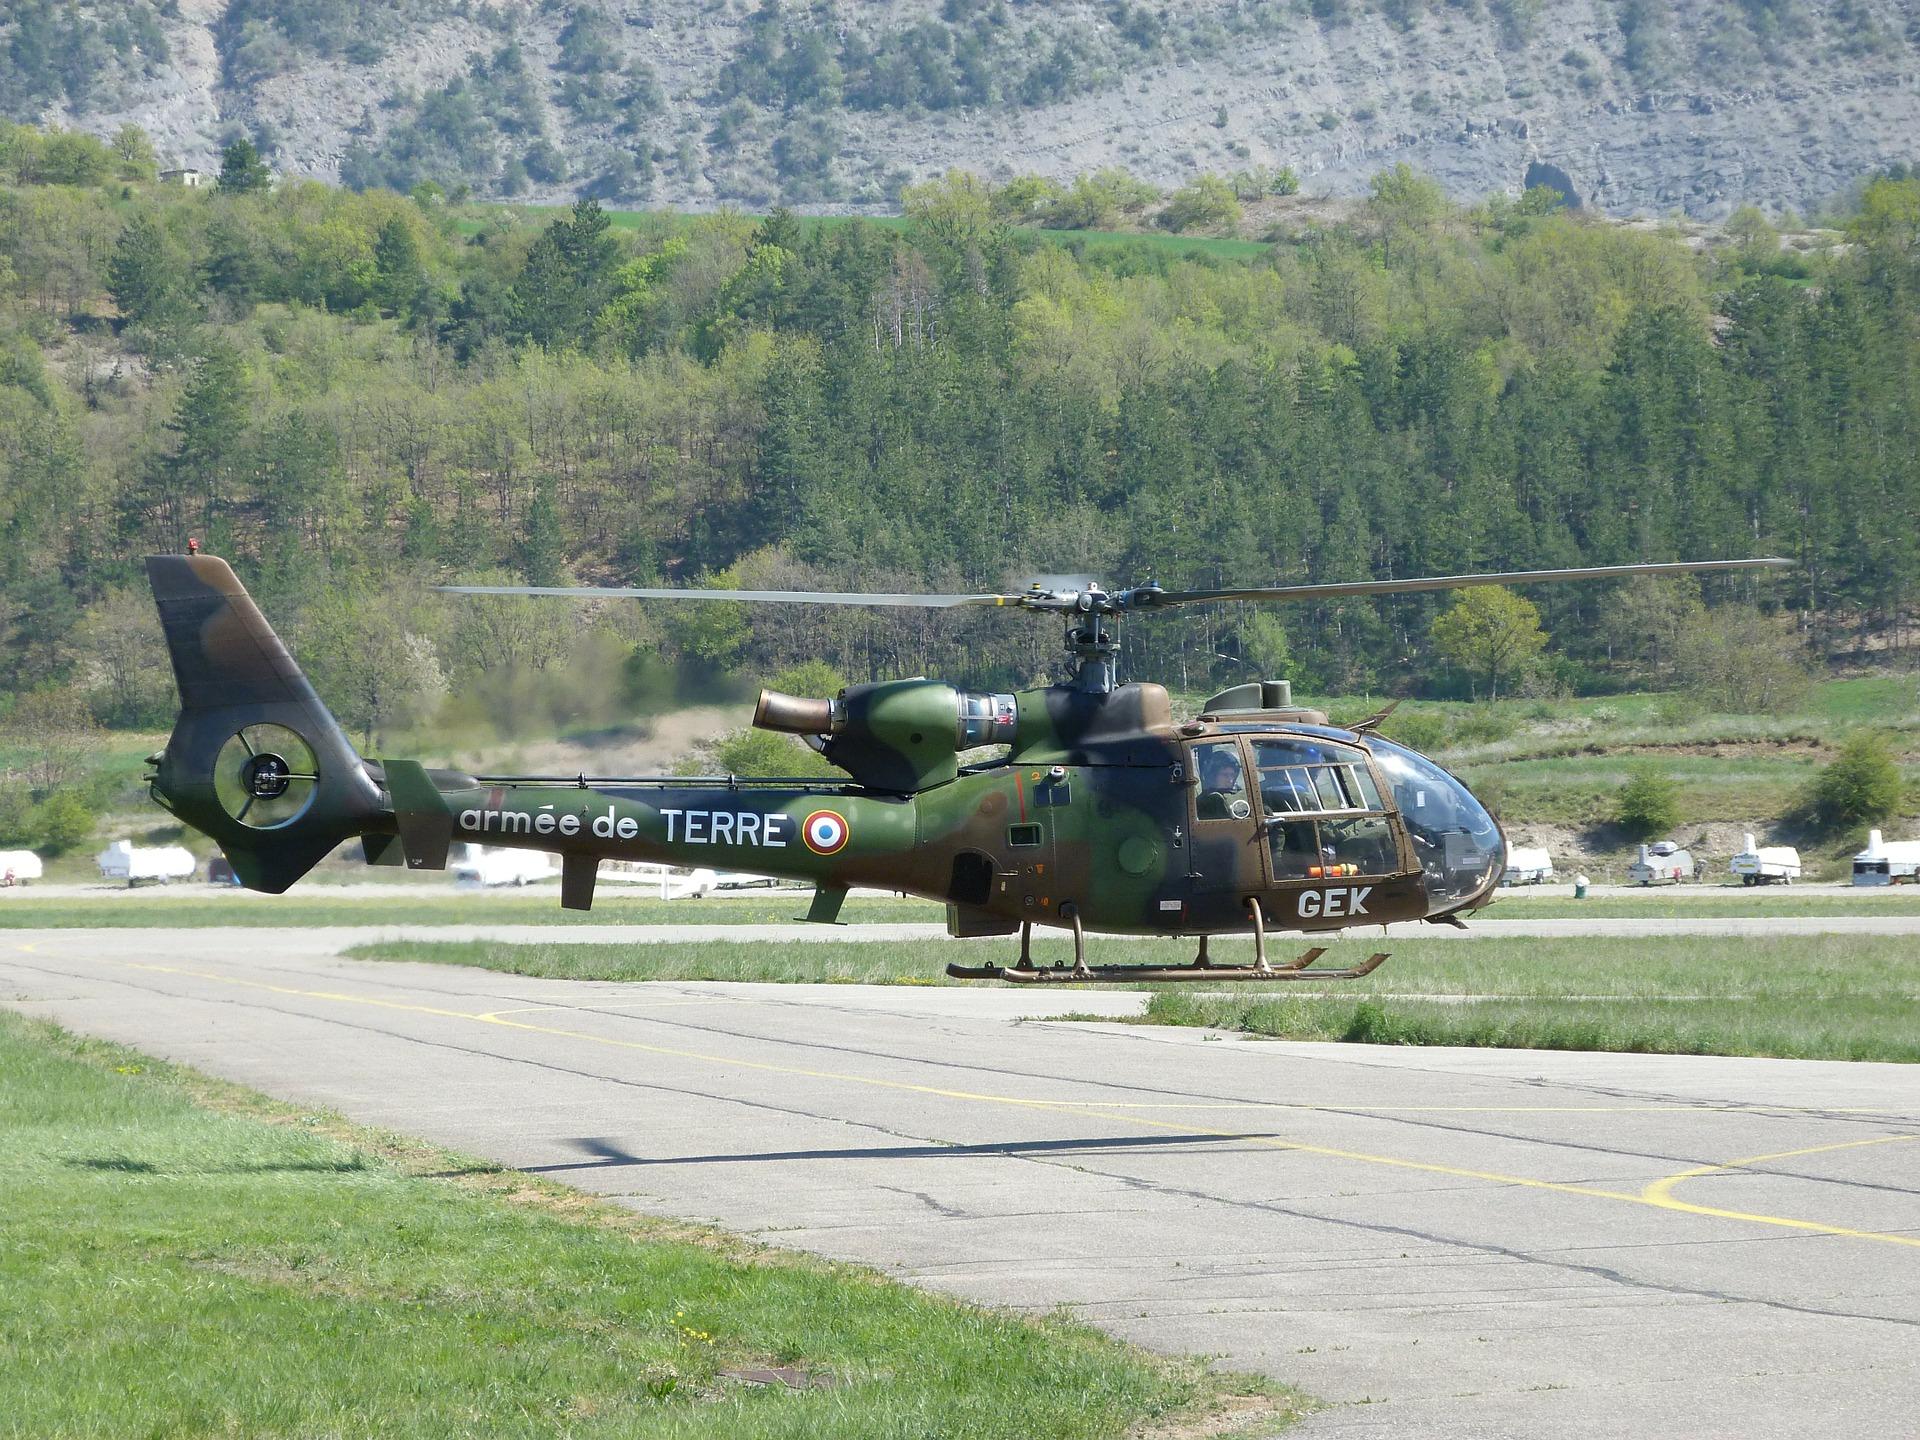 SA-342M Gazelle hebt vom Boden ab.